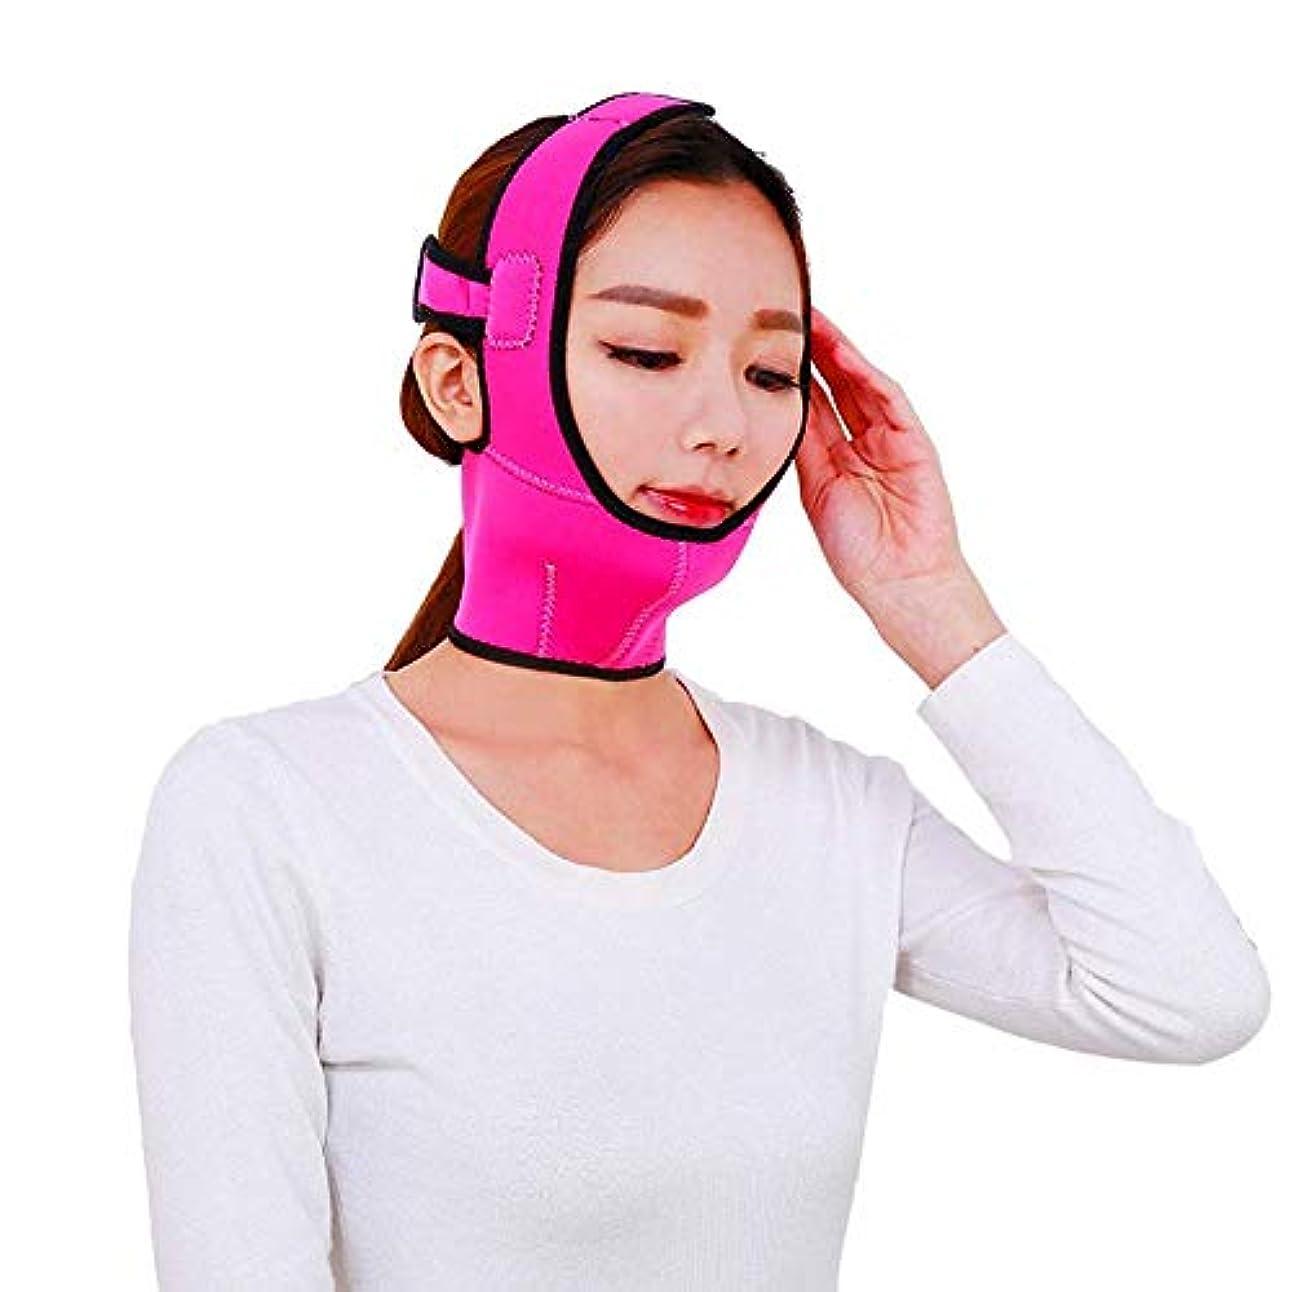 切断する土地詐欺二重あごの顔の持ち上がるマスクVfaceの顔の小さい顔の持ち上がる用具をきつく締める通気性の顔の持ち上がる包帯